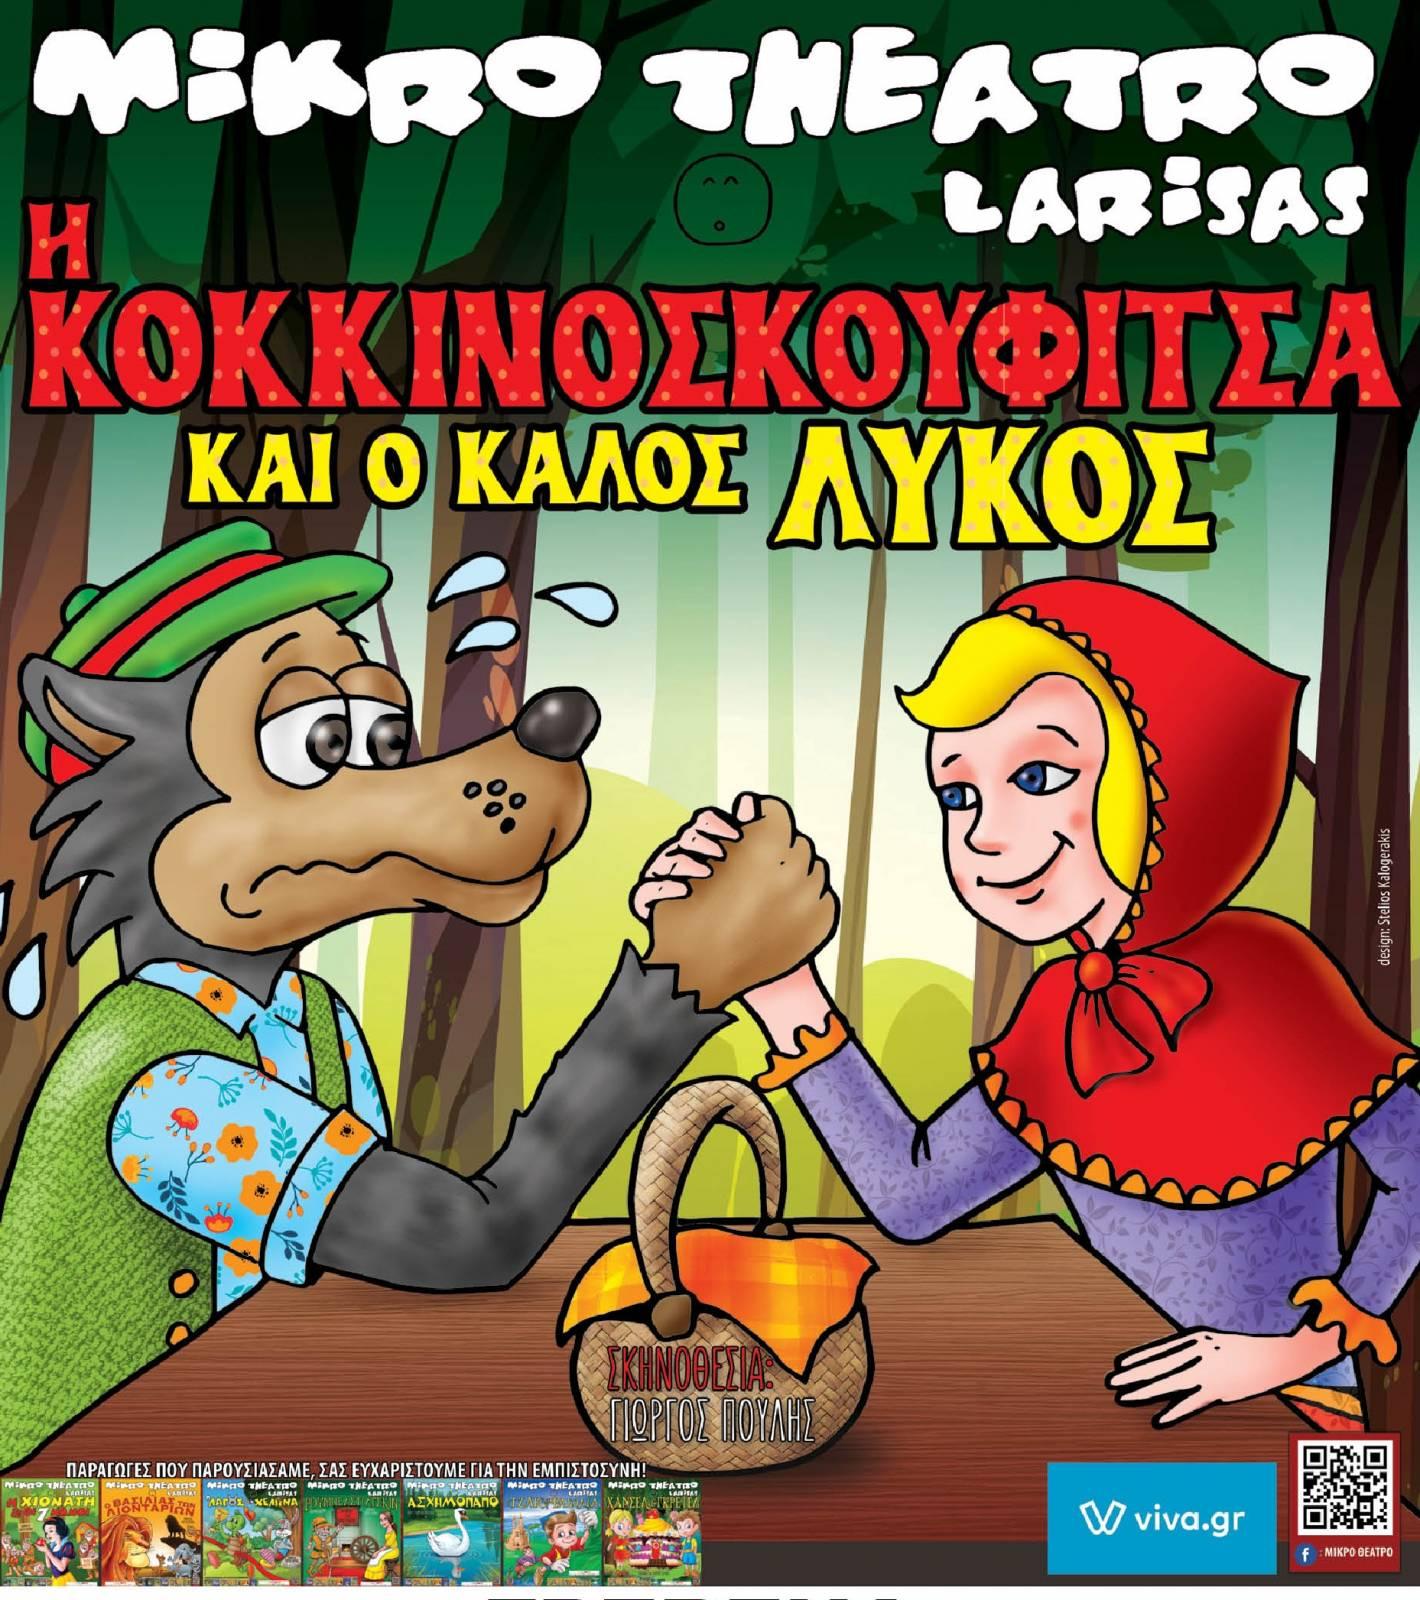 Μικρό Θέατρο Λάρισας: «Η Κοκκινοσκουφίτσα και Ο Καλός Λύκος» έρχονται στα Γρεβενά για μια και μόνο παράσταση